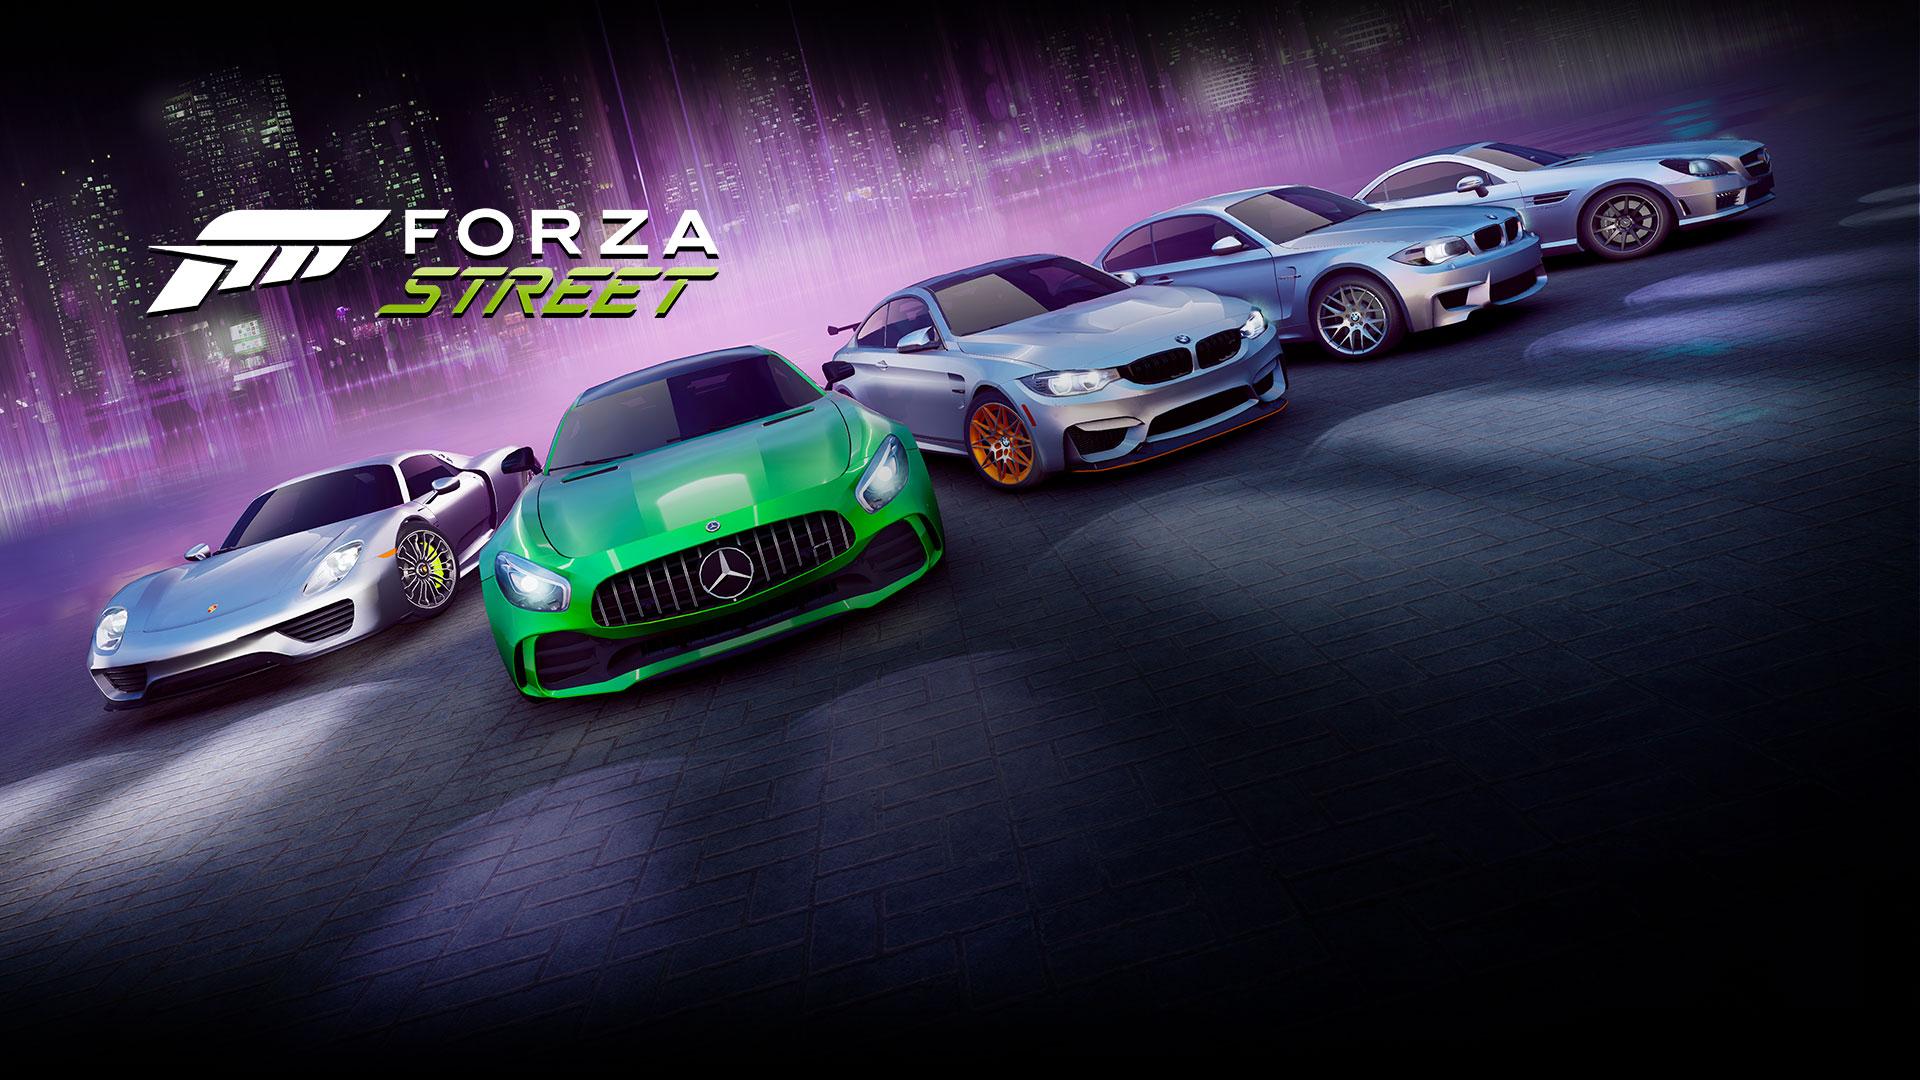 Forza Street, mit einer Reihe legendärer Autos im Hintergrund